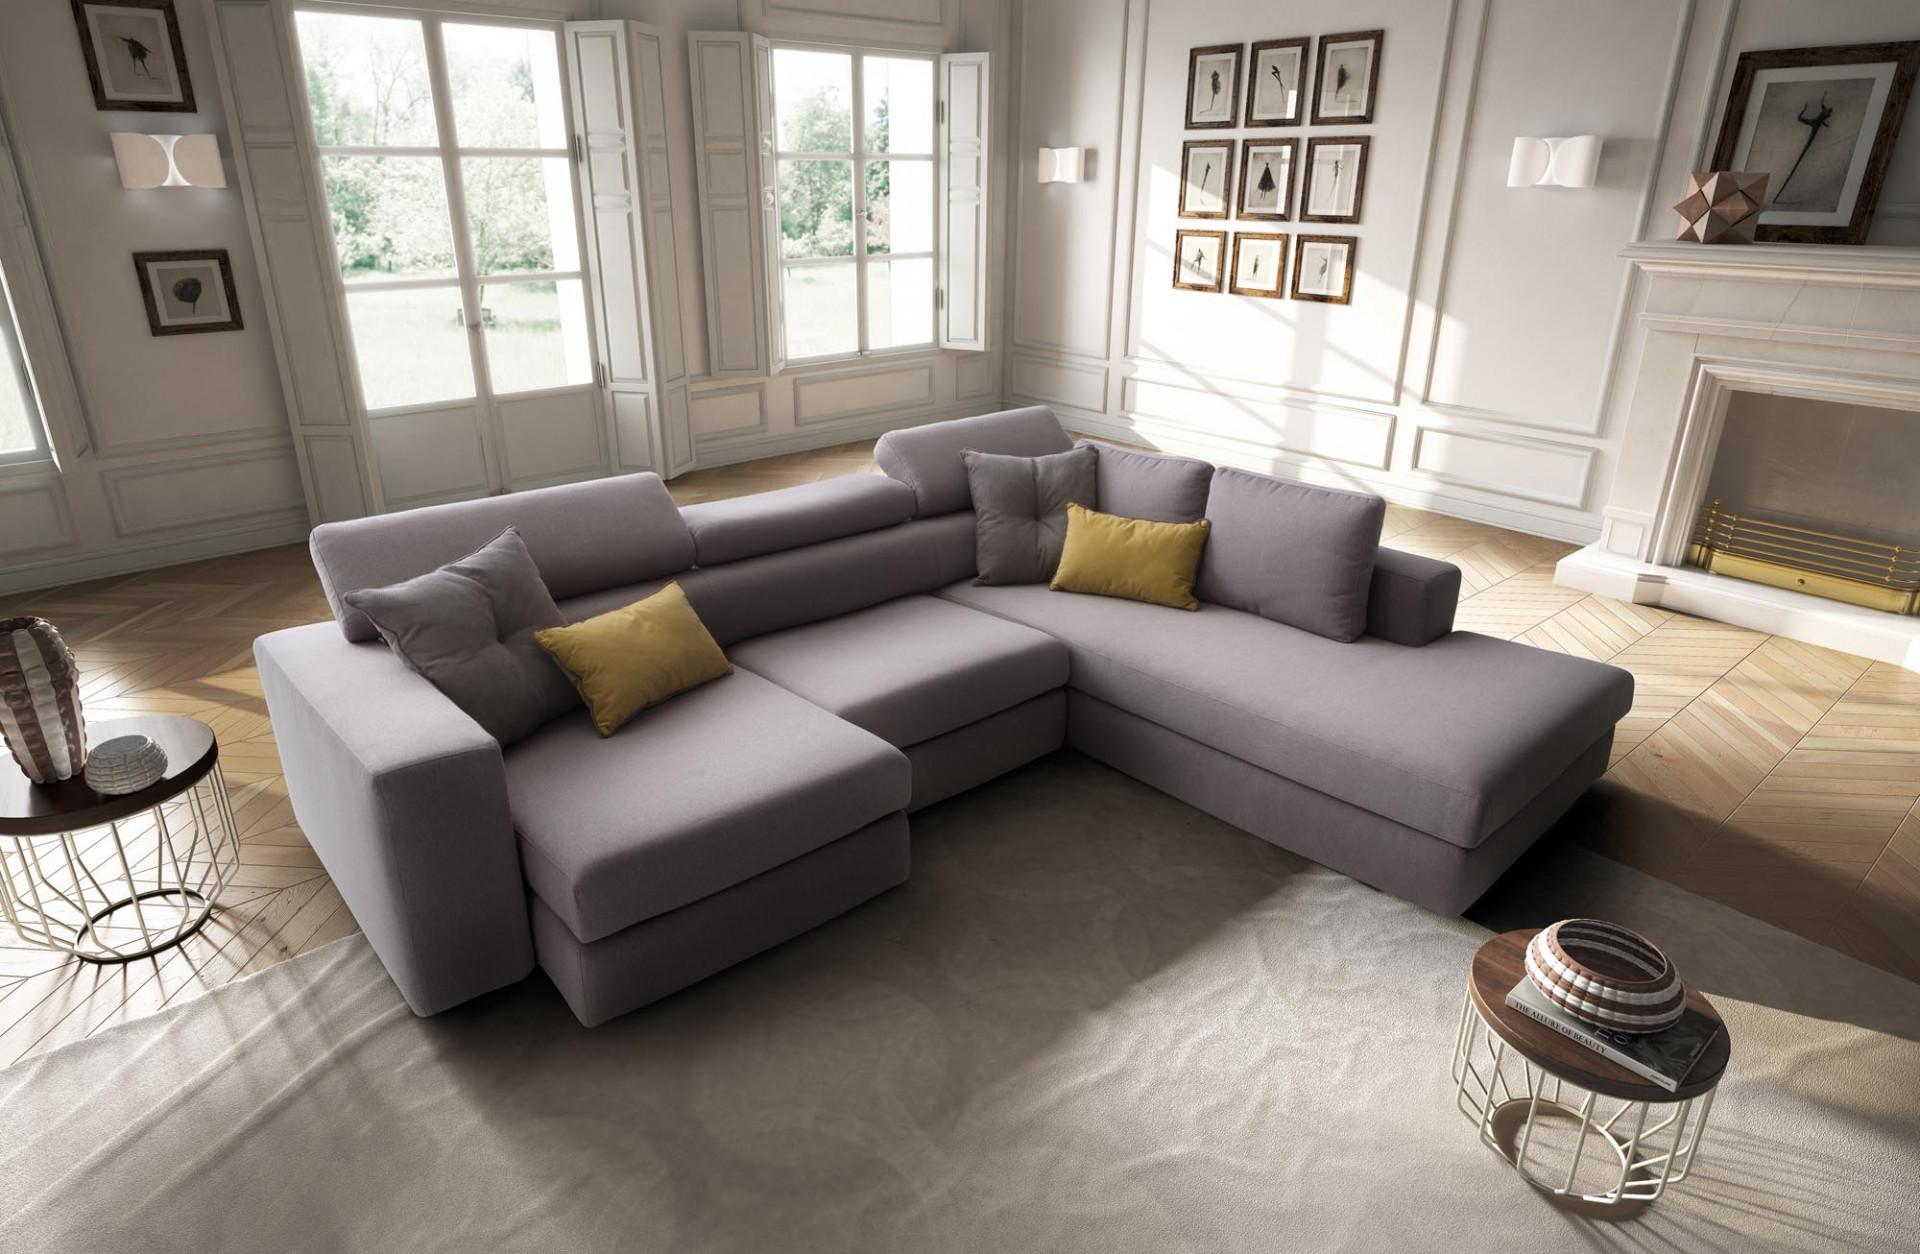 Divani in tessuto paloma lecomfort - Altezza seduta divano ...